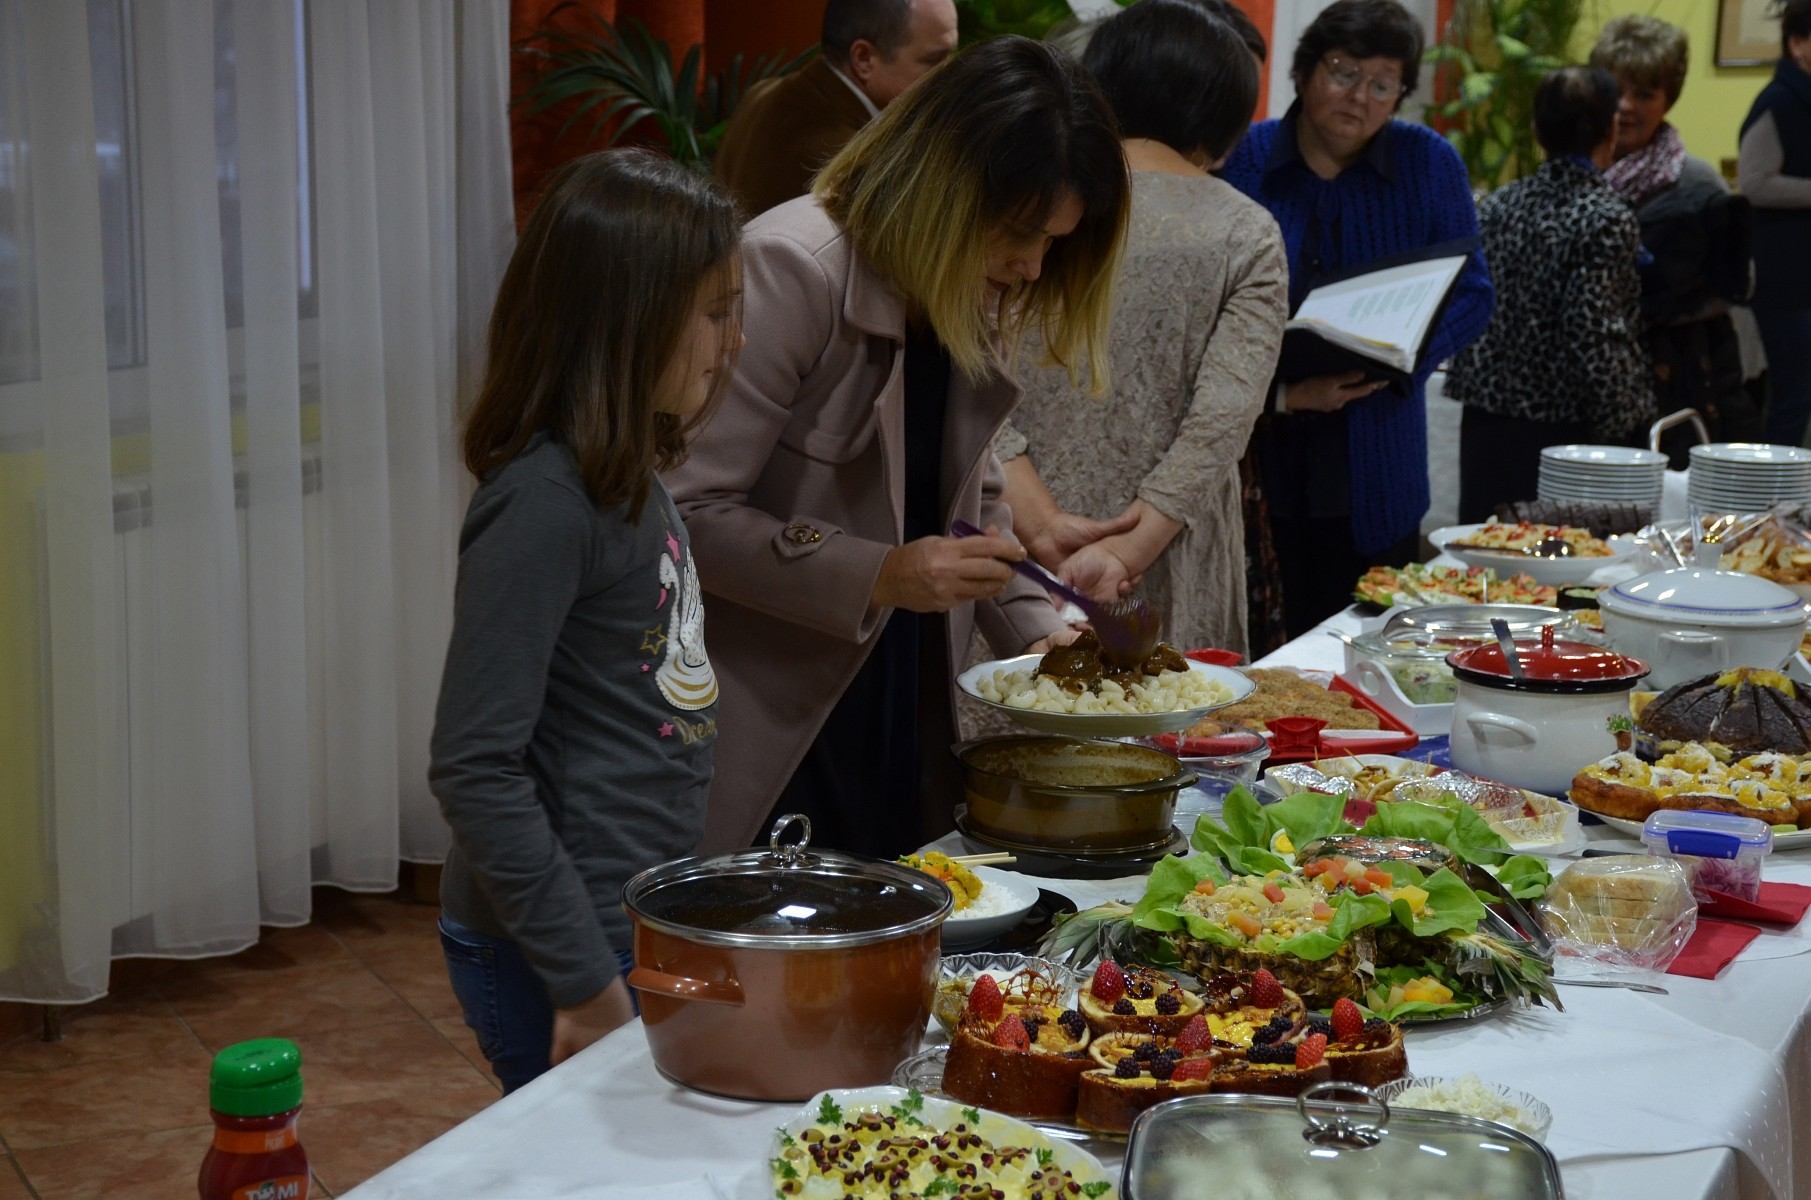 Irodalom, sütemények, zene – adventi hangulatban a gernyeszegi gyülekezet